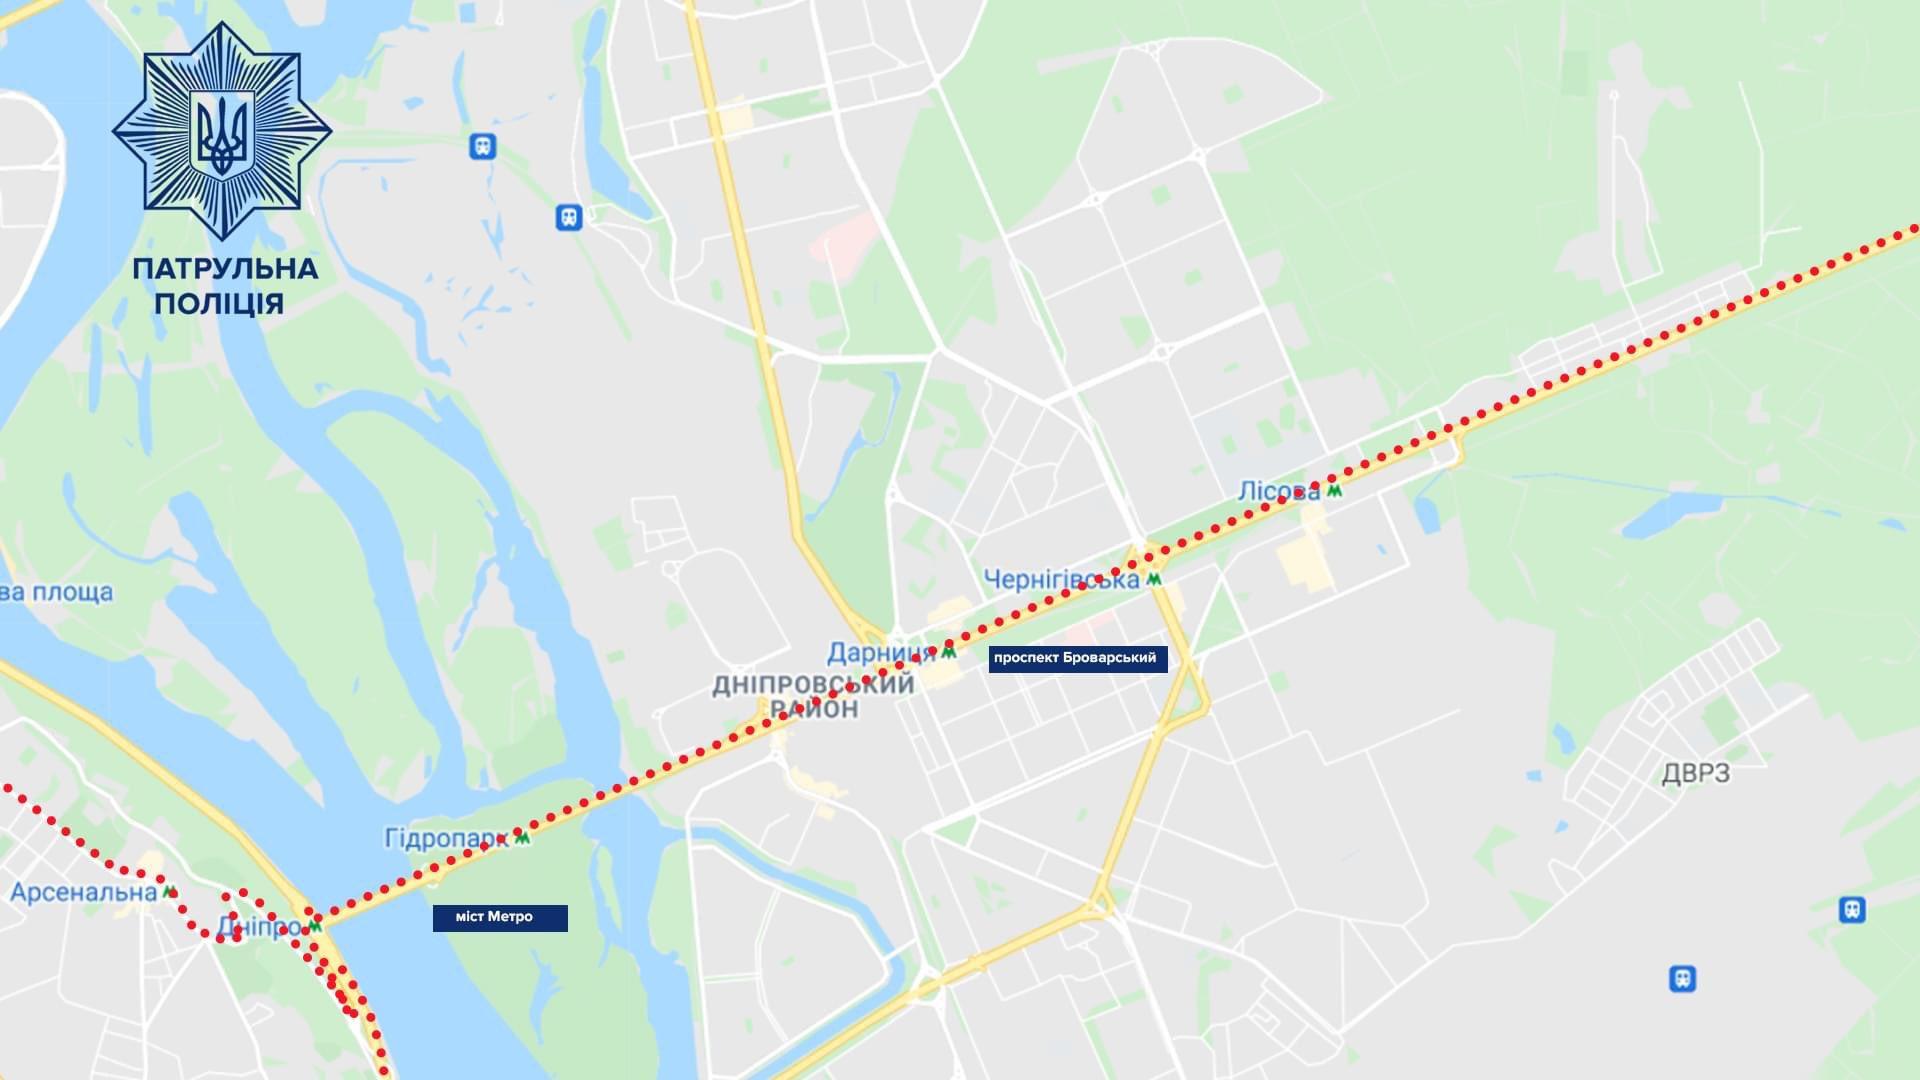 В Киеве сегодня ограничат движение транспорта: список маршрутов